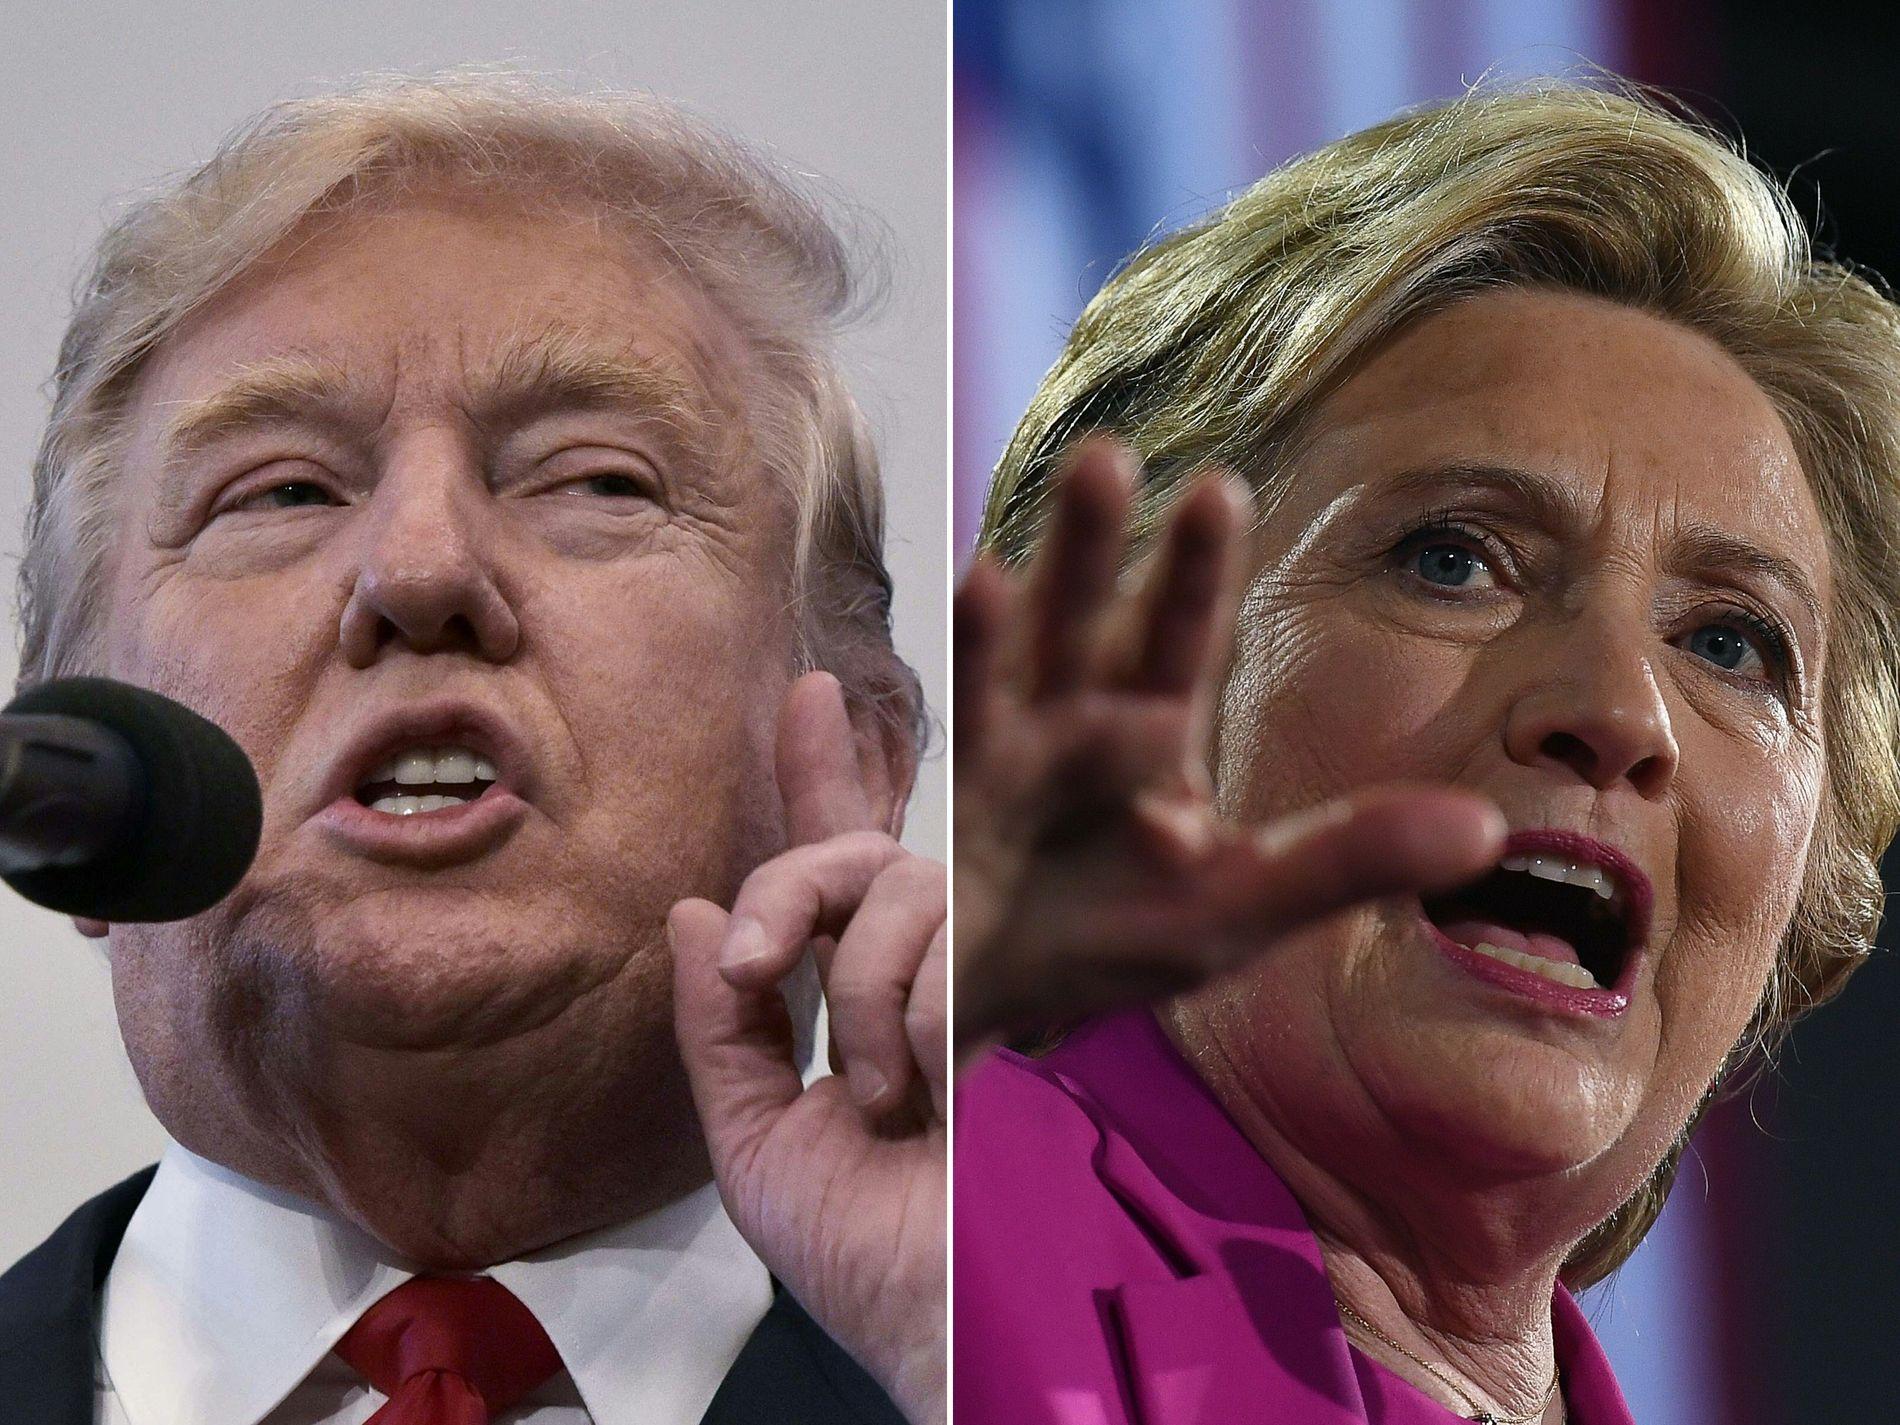 KRISE: – Entusiasme blant velgerne har Hillary Clinton aldri generert. Slik blir både hun og Donald Trump symptomer på et demokrati i krise og kanskje oppløsning, ødelagt av en særegen ytringsfrihetsfundamentalisme, skriver kronikkforfatteren.